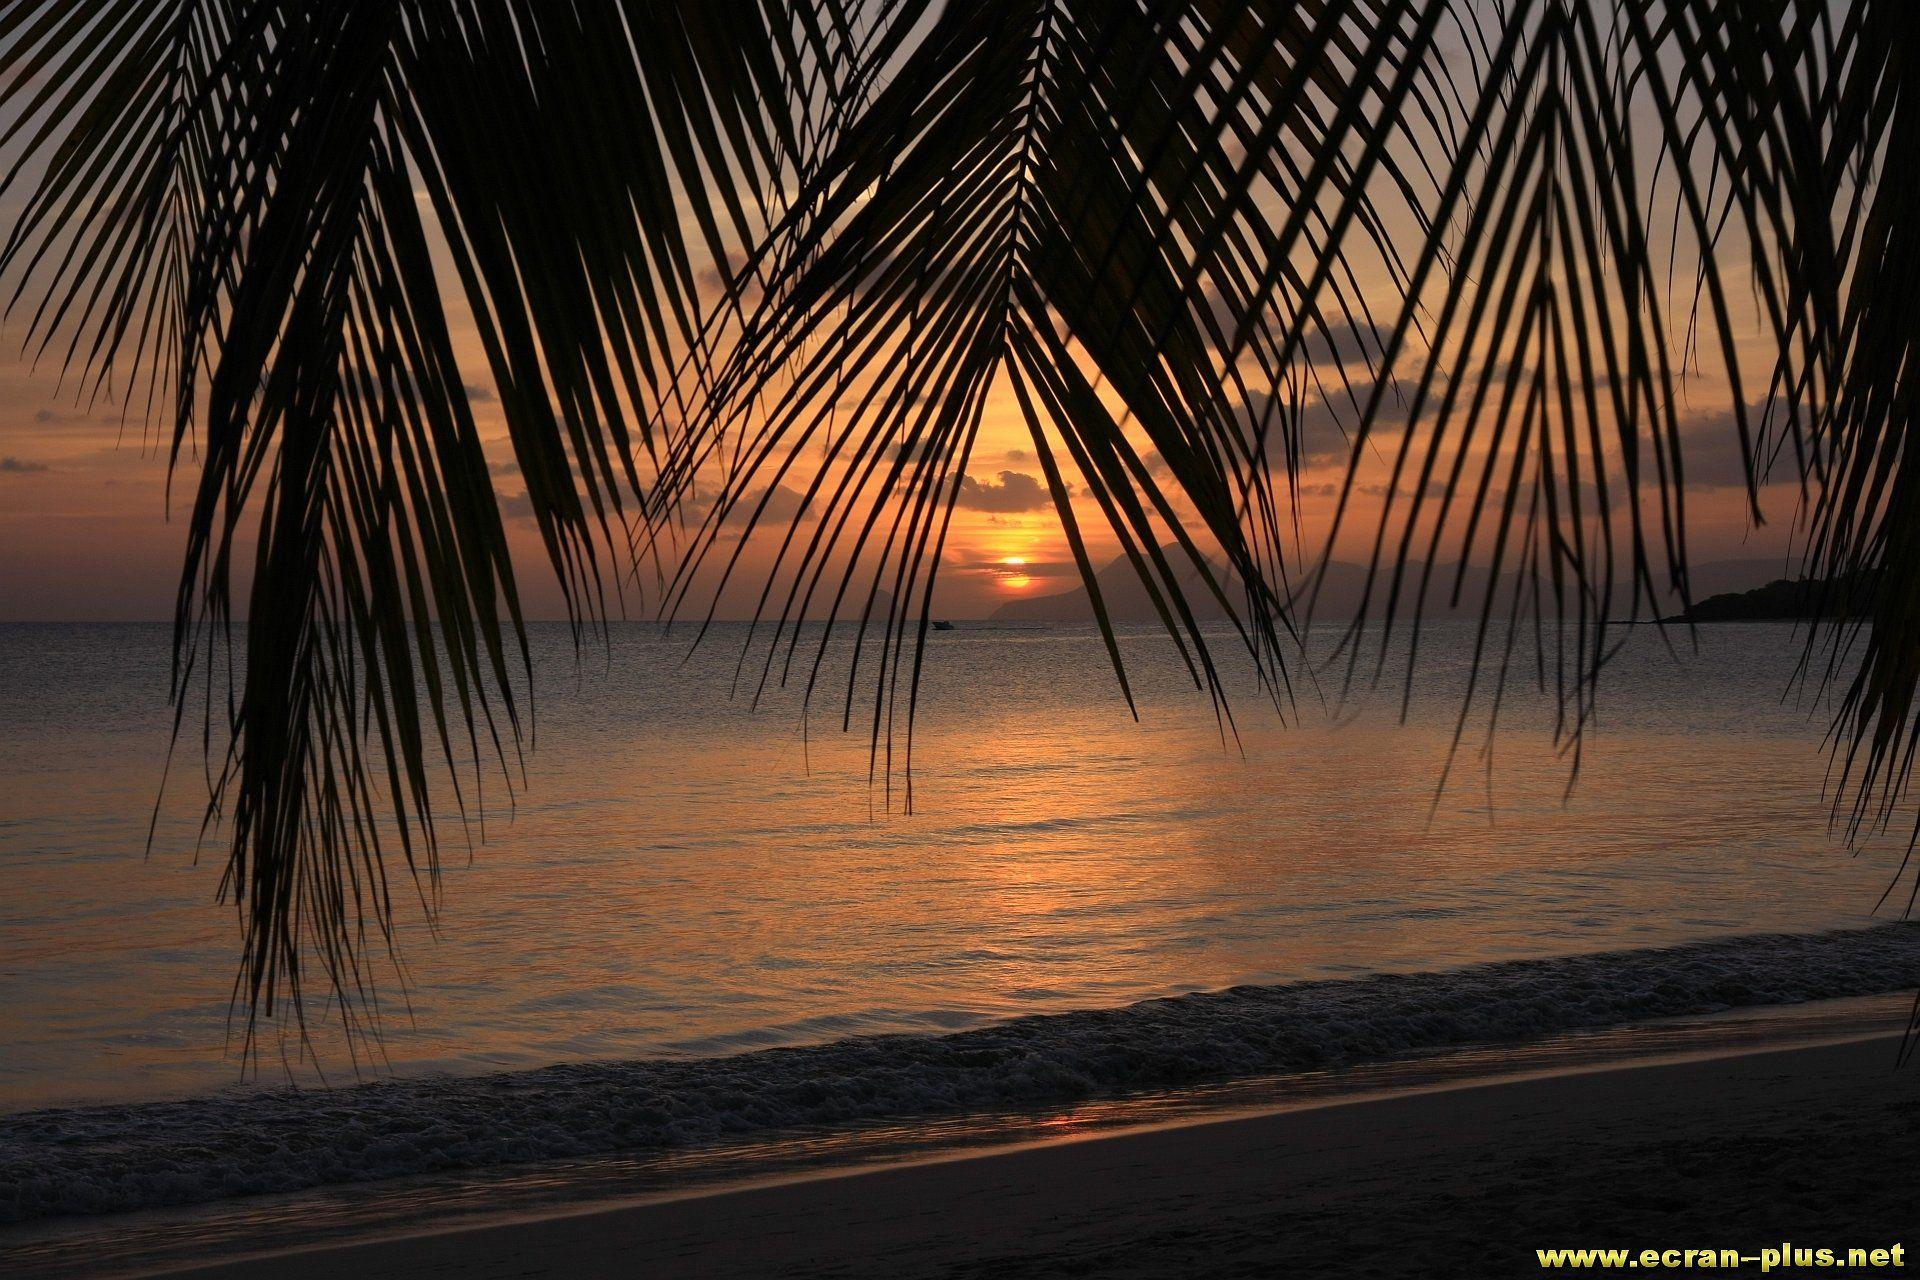 Coucher De Soleil Sur La Plage Des Salines Martinique Coucher De Soleil Plage Coucher De Soleil Destination Paradisiaque